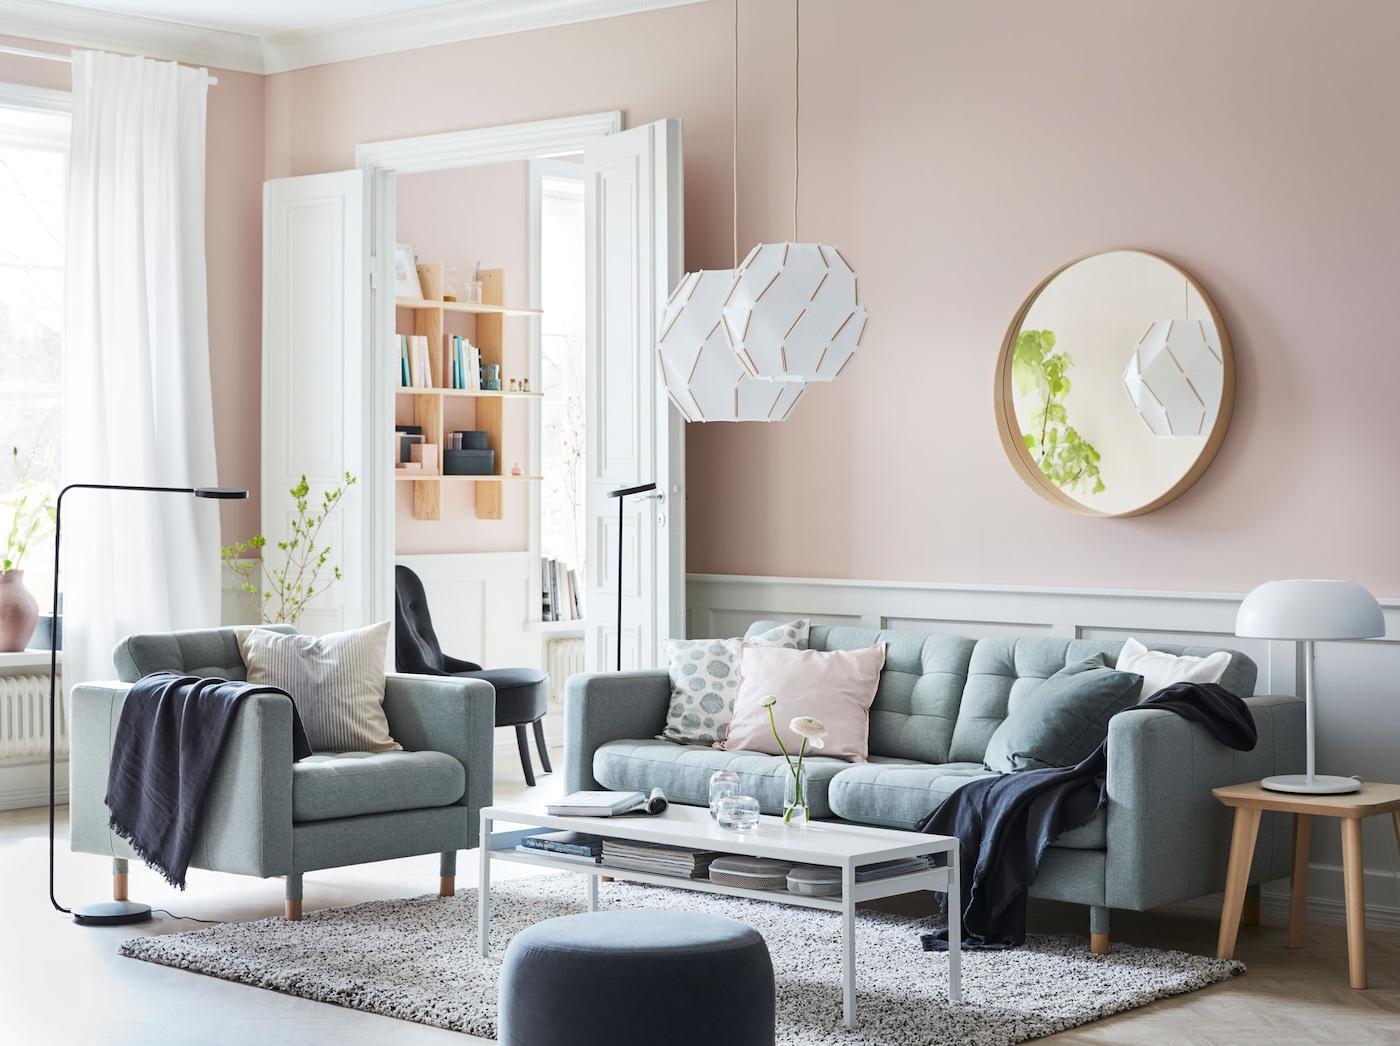 Salon Au Ikea Calme De Une Oasis sxthCQrd